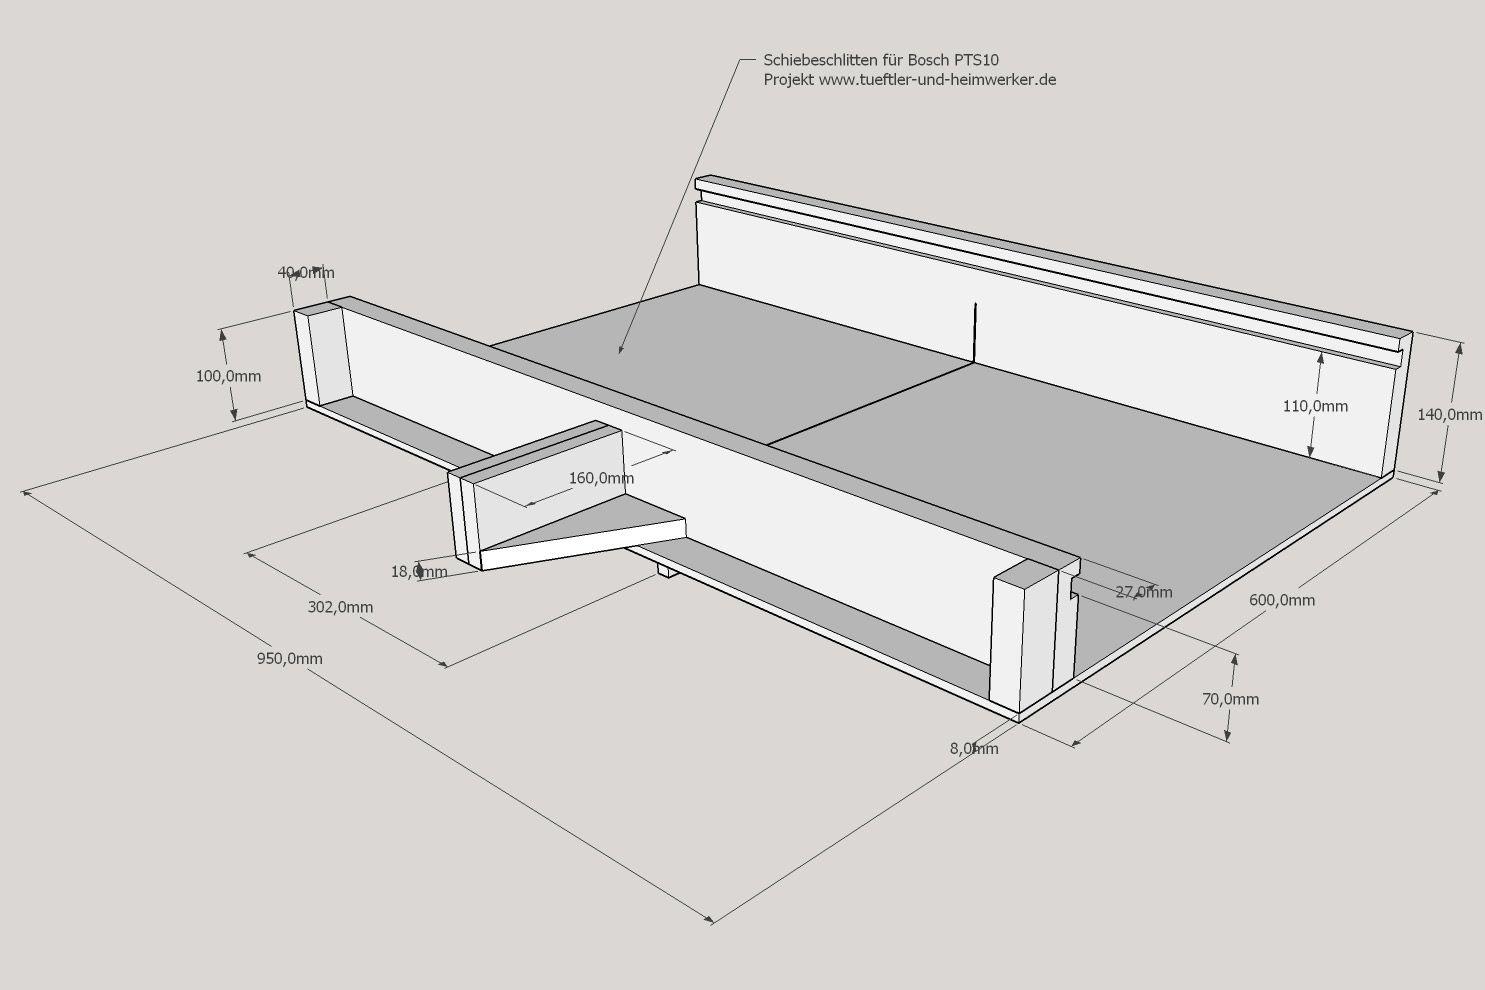 auch eine gute tischkreiss ge wie die bosch pts10 macht. Black Bedroom Furniture Sets. Home Design Ideas